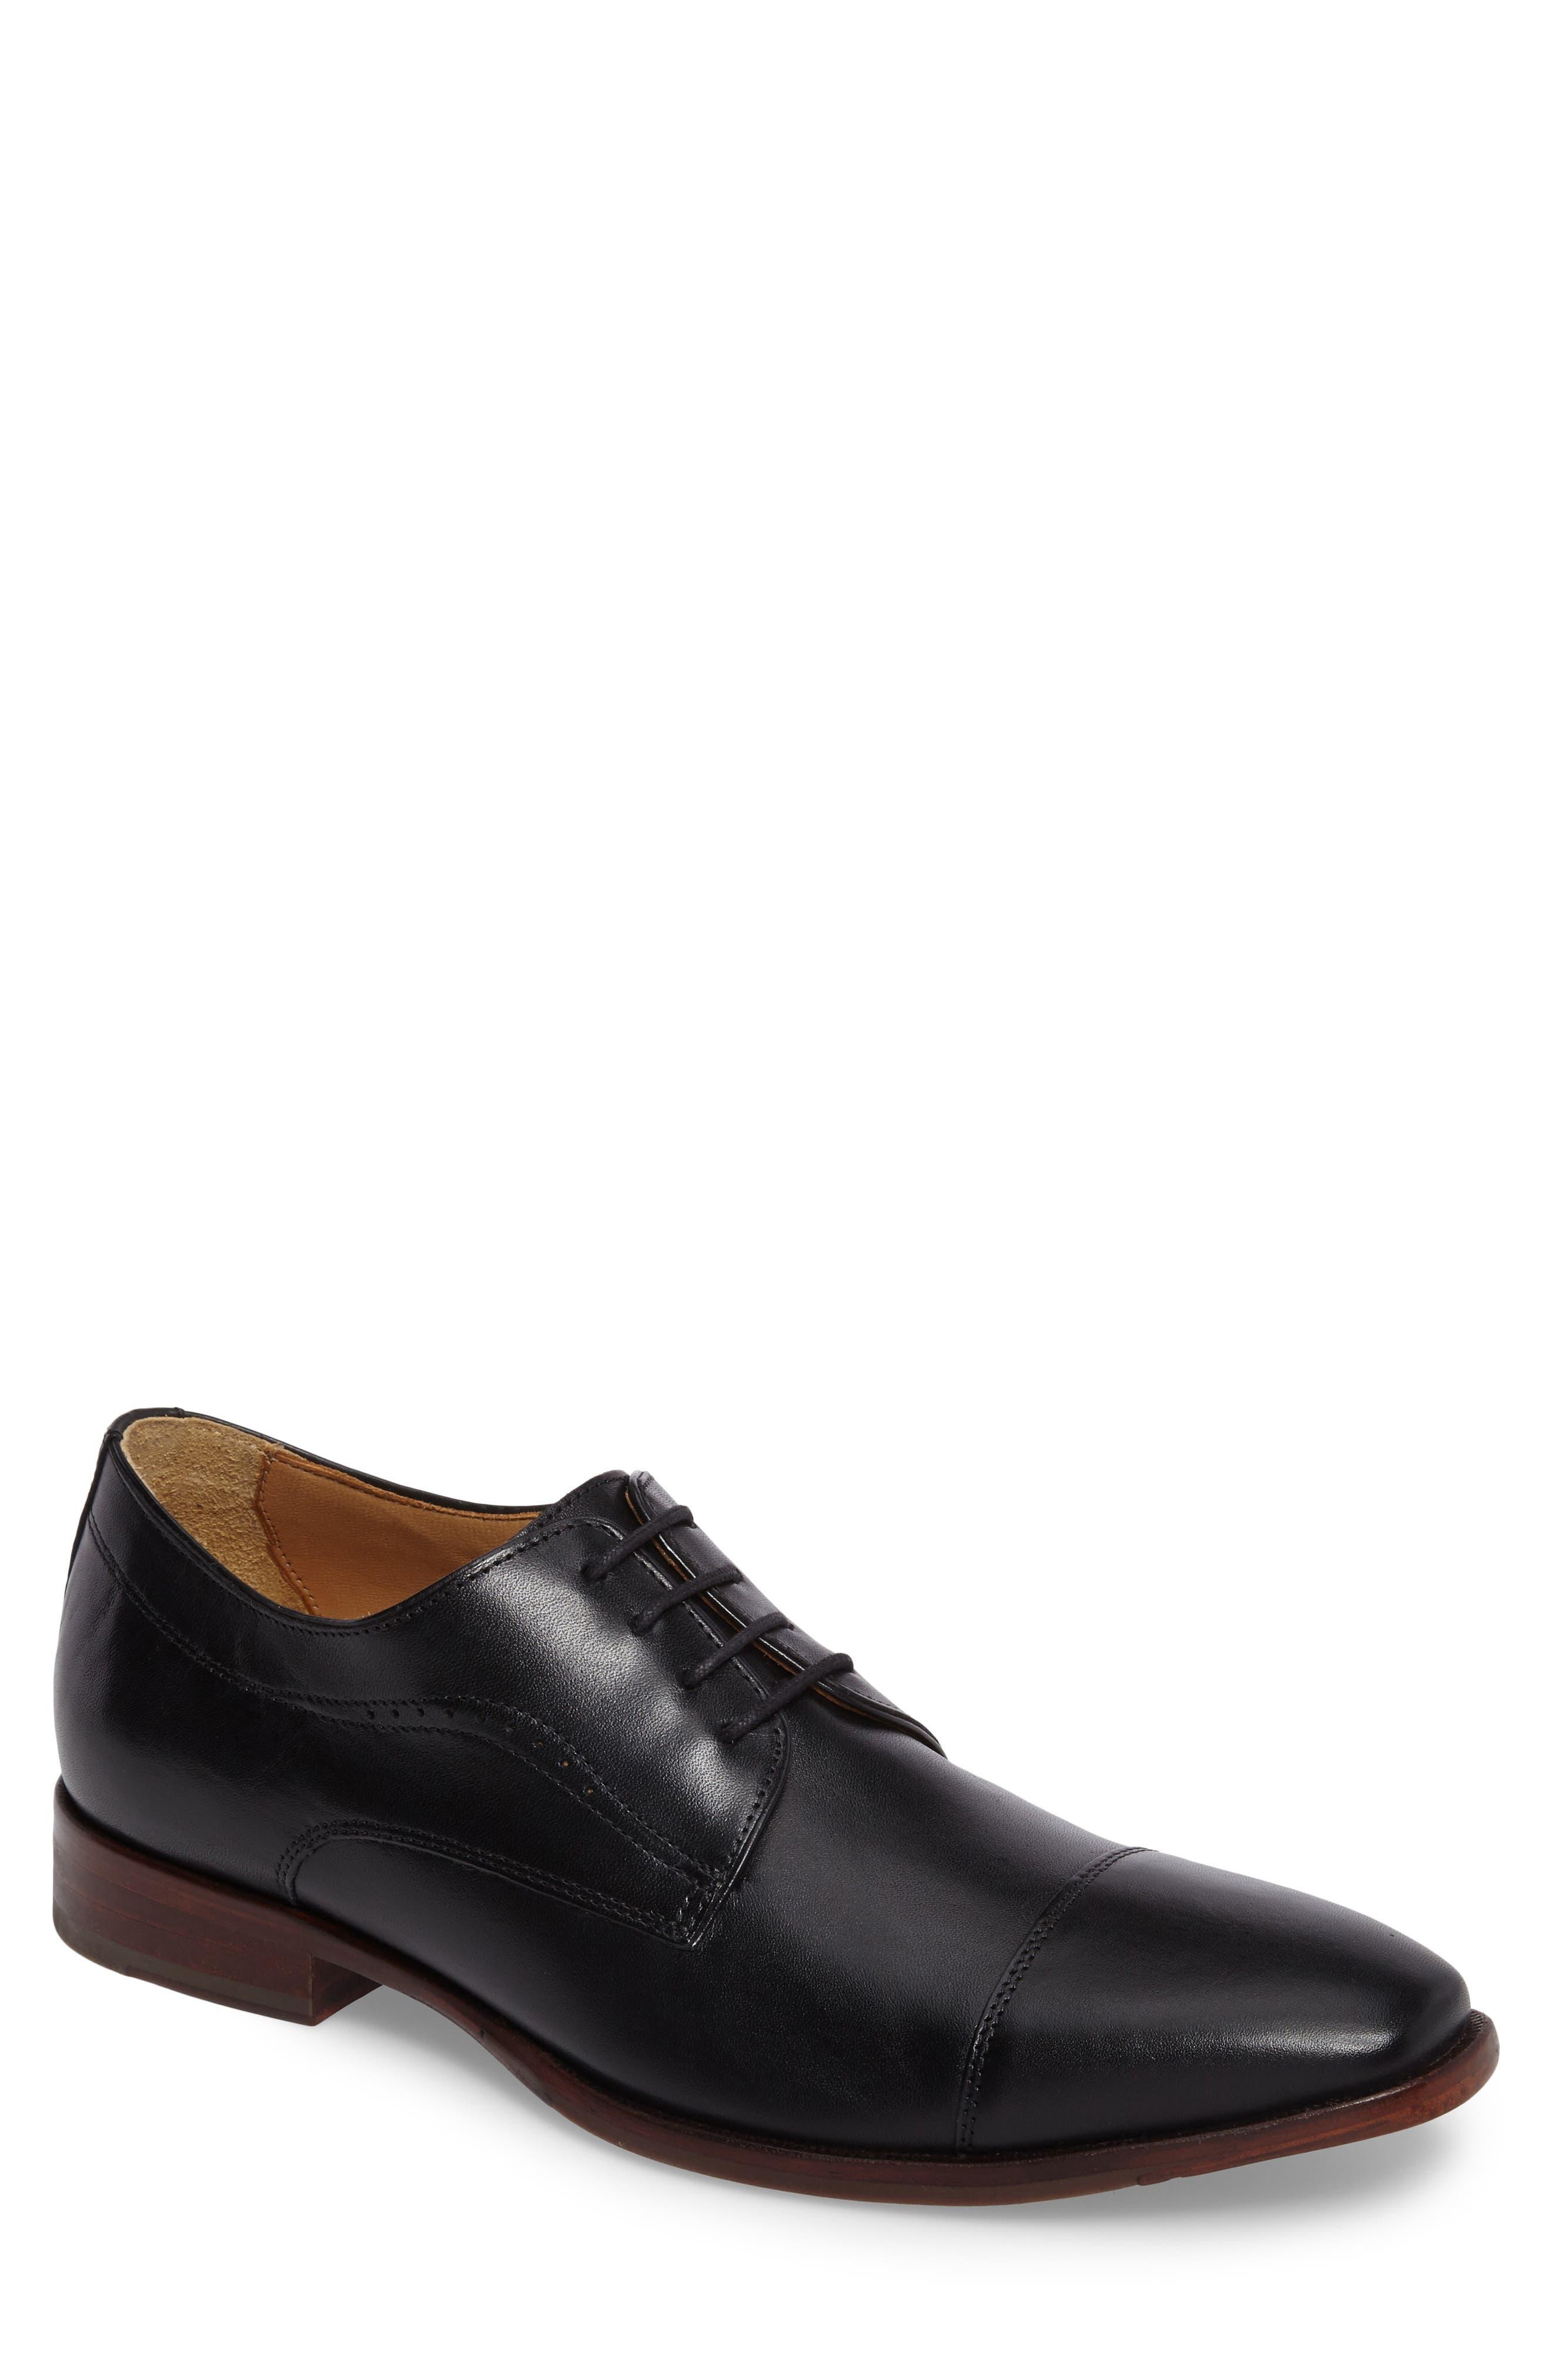 McClain Cap Toe Derby,                         Main,                         color, Black